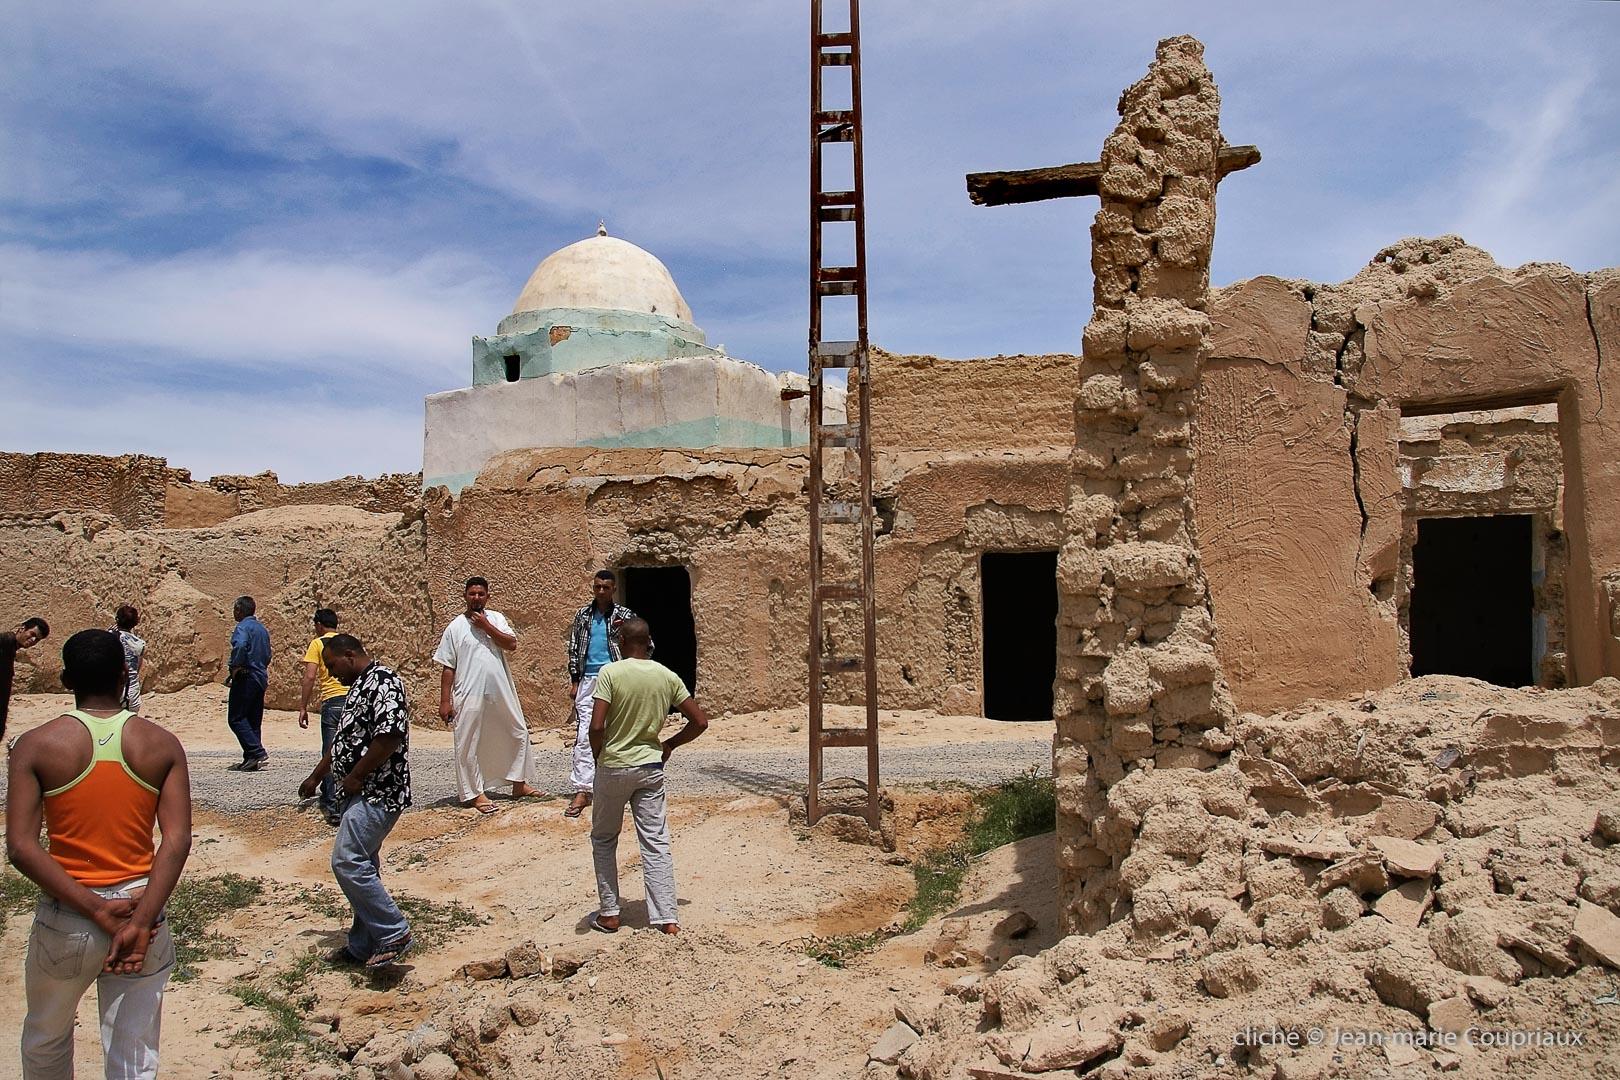 802-2011_Algerie-790